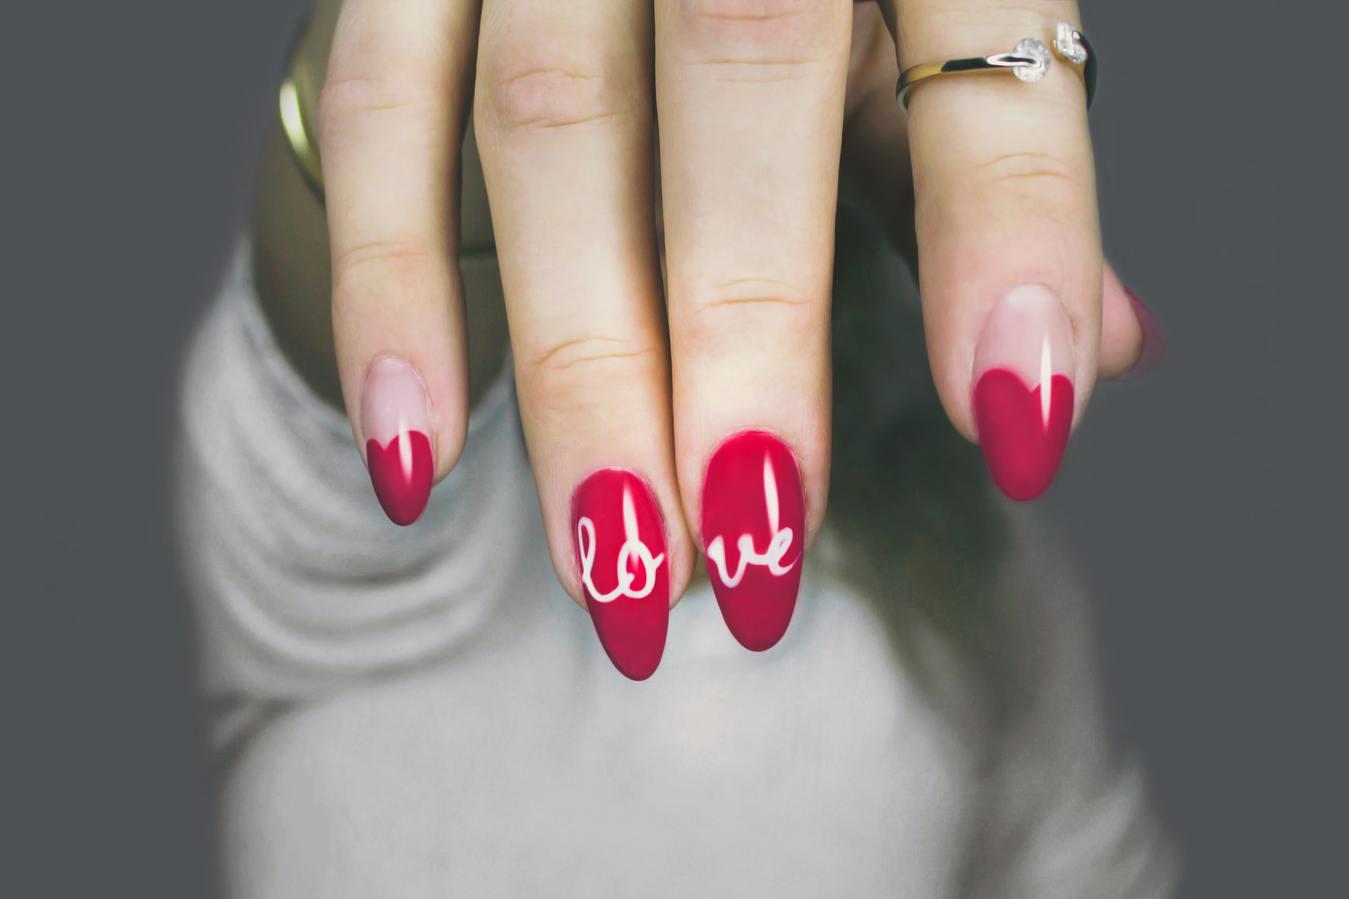 Membuka nail salon sebagai ide bisnis